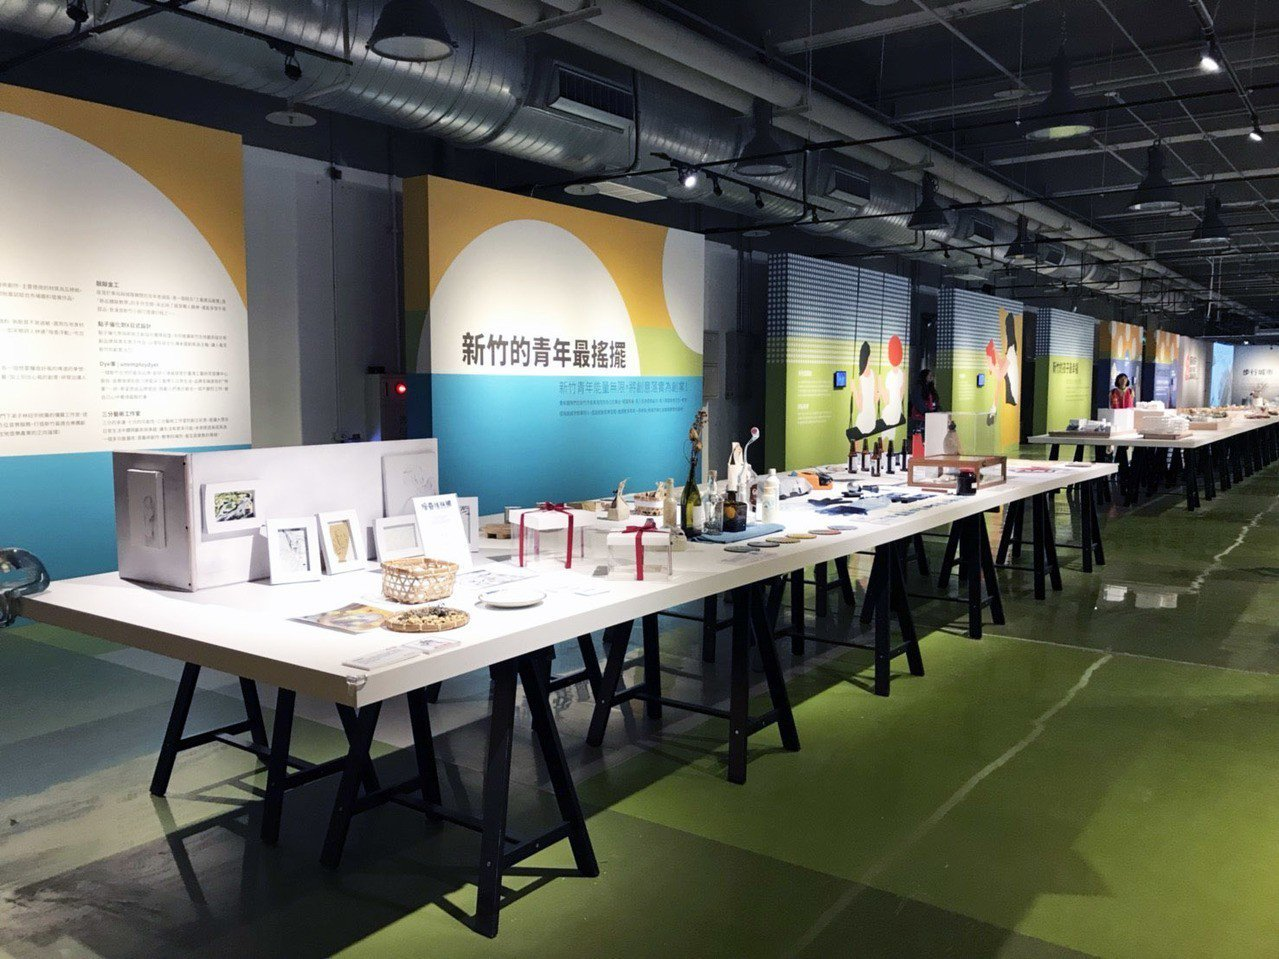 館內設有各種模型,能了解新竹市的發展與脈絡。記者郭宣彣/攝影